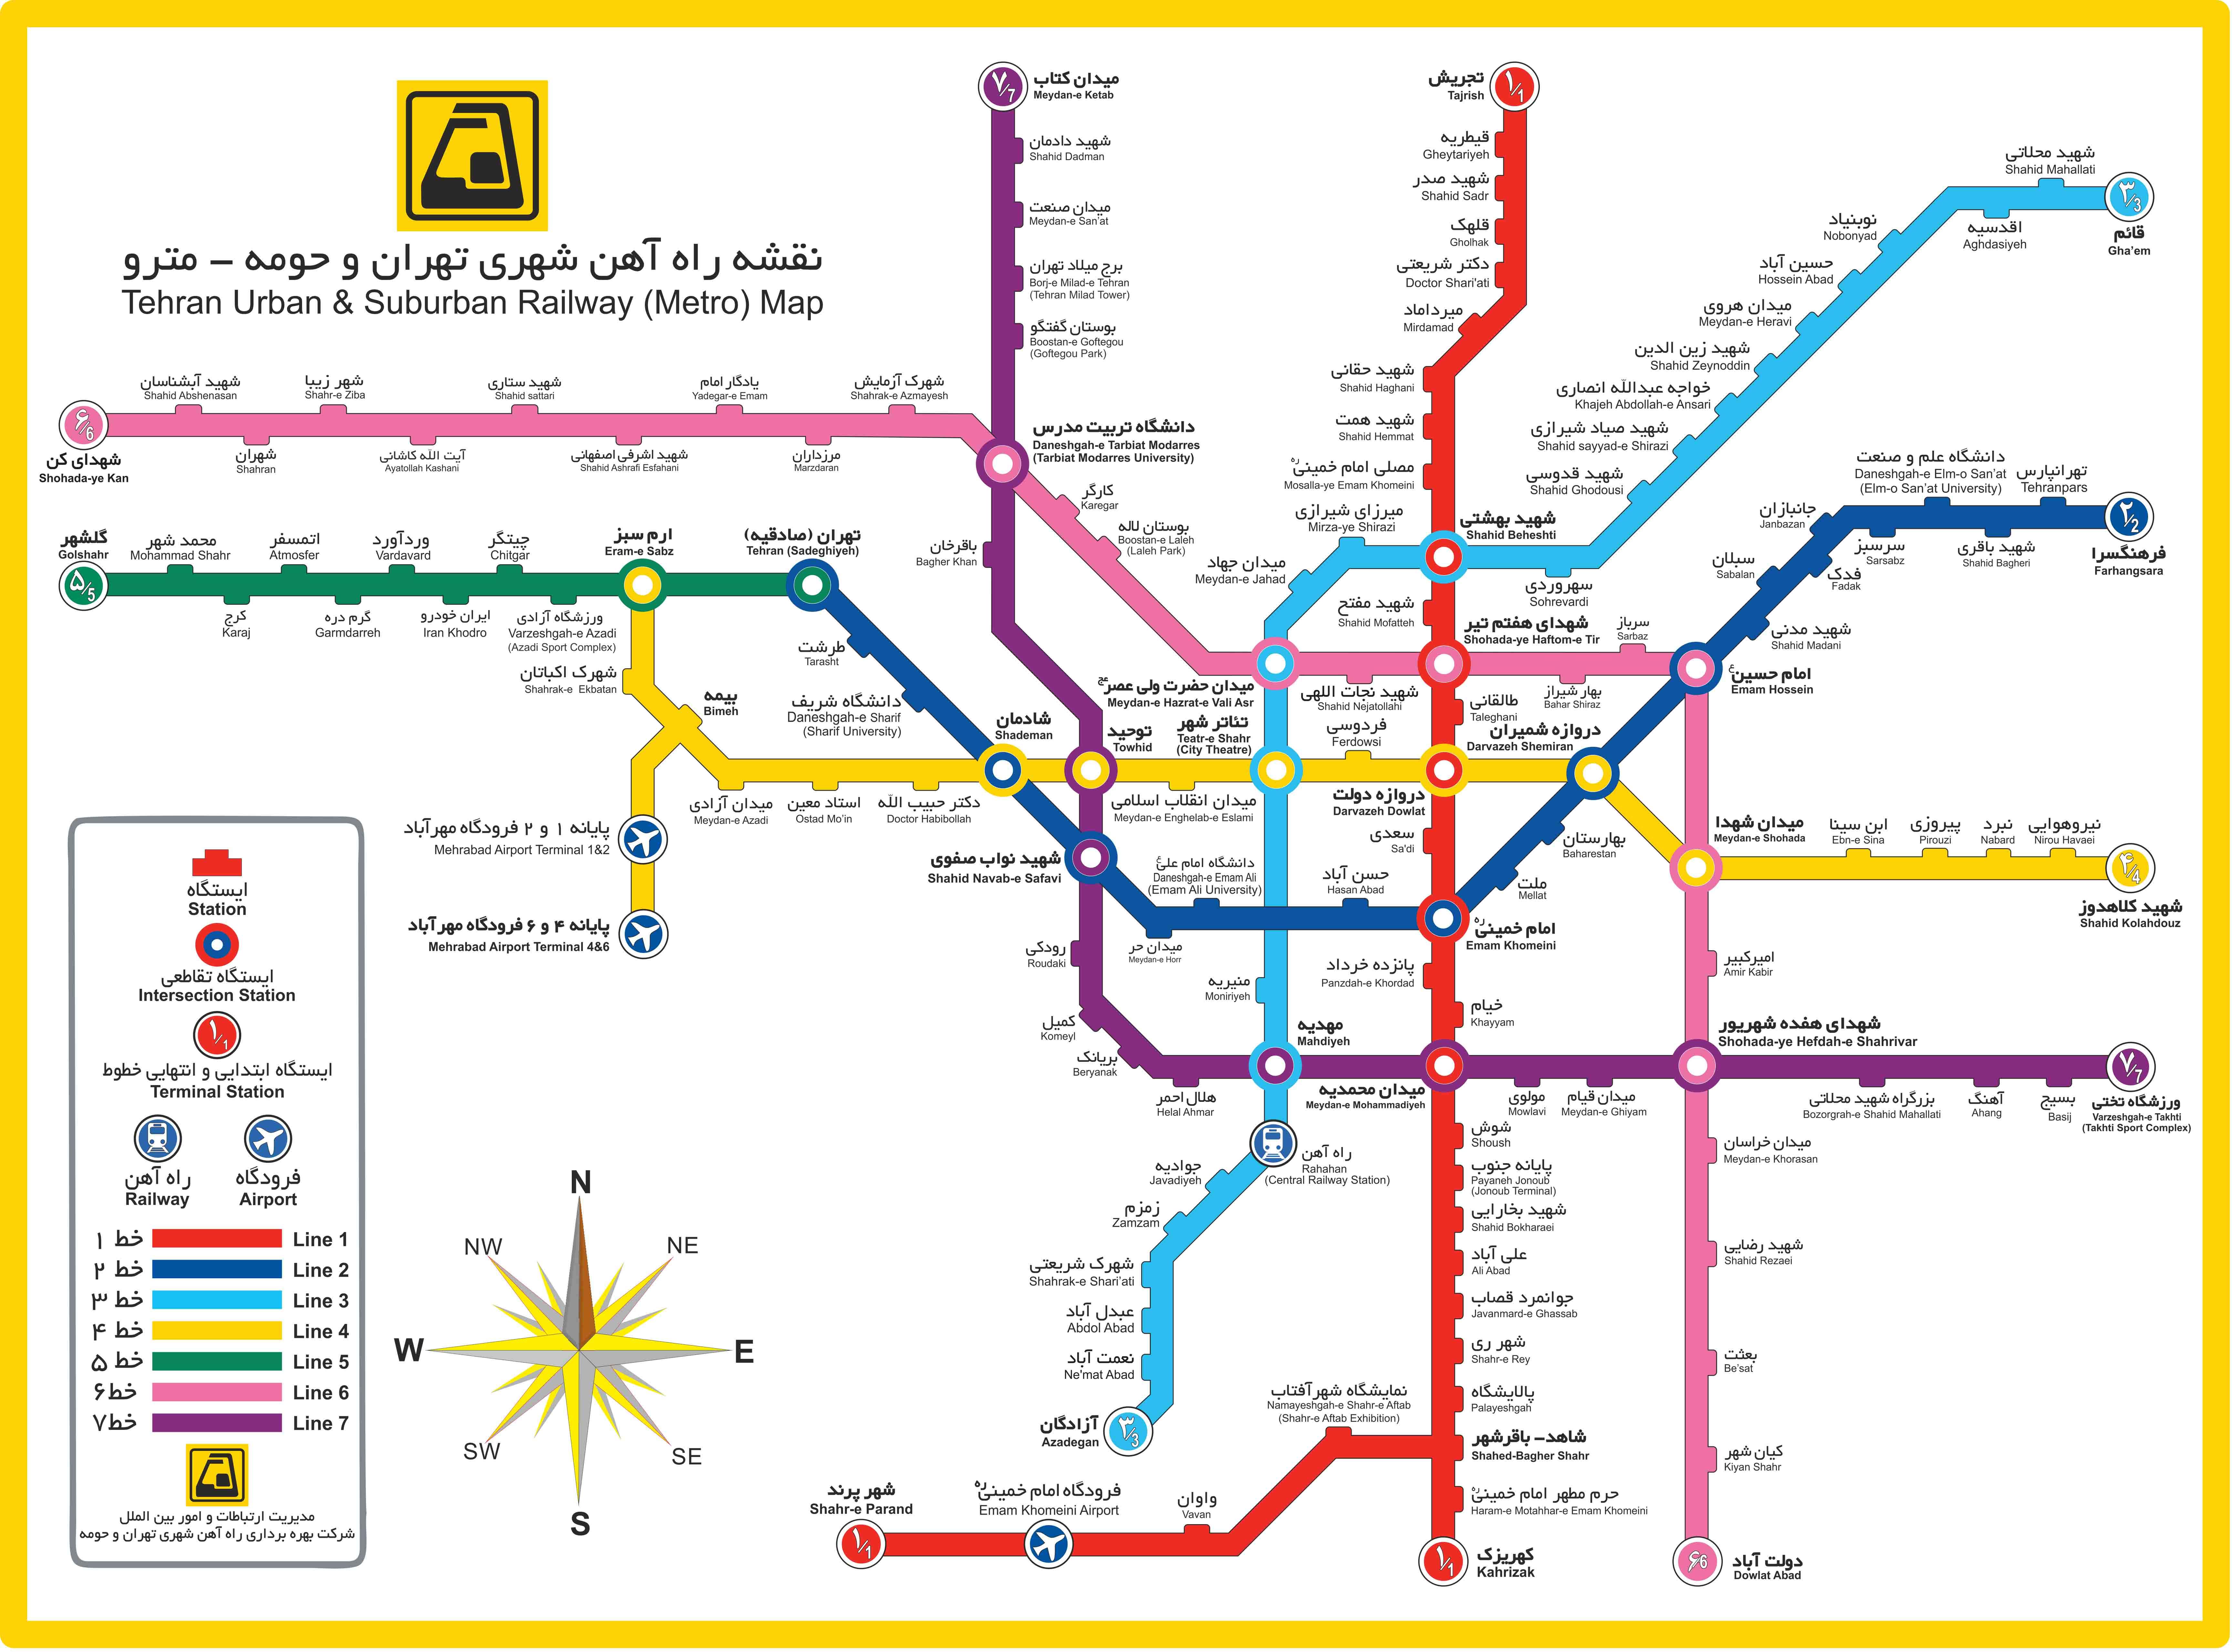 دانلود نقشه مترو تهران با 7 خط در سال 97